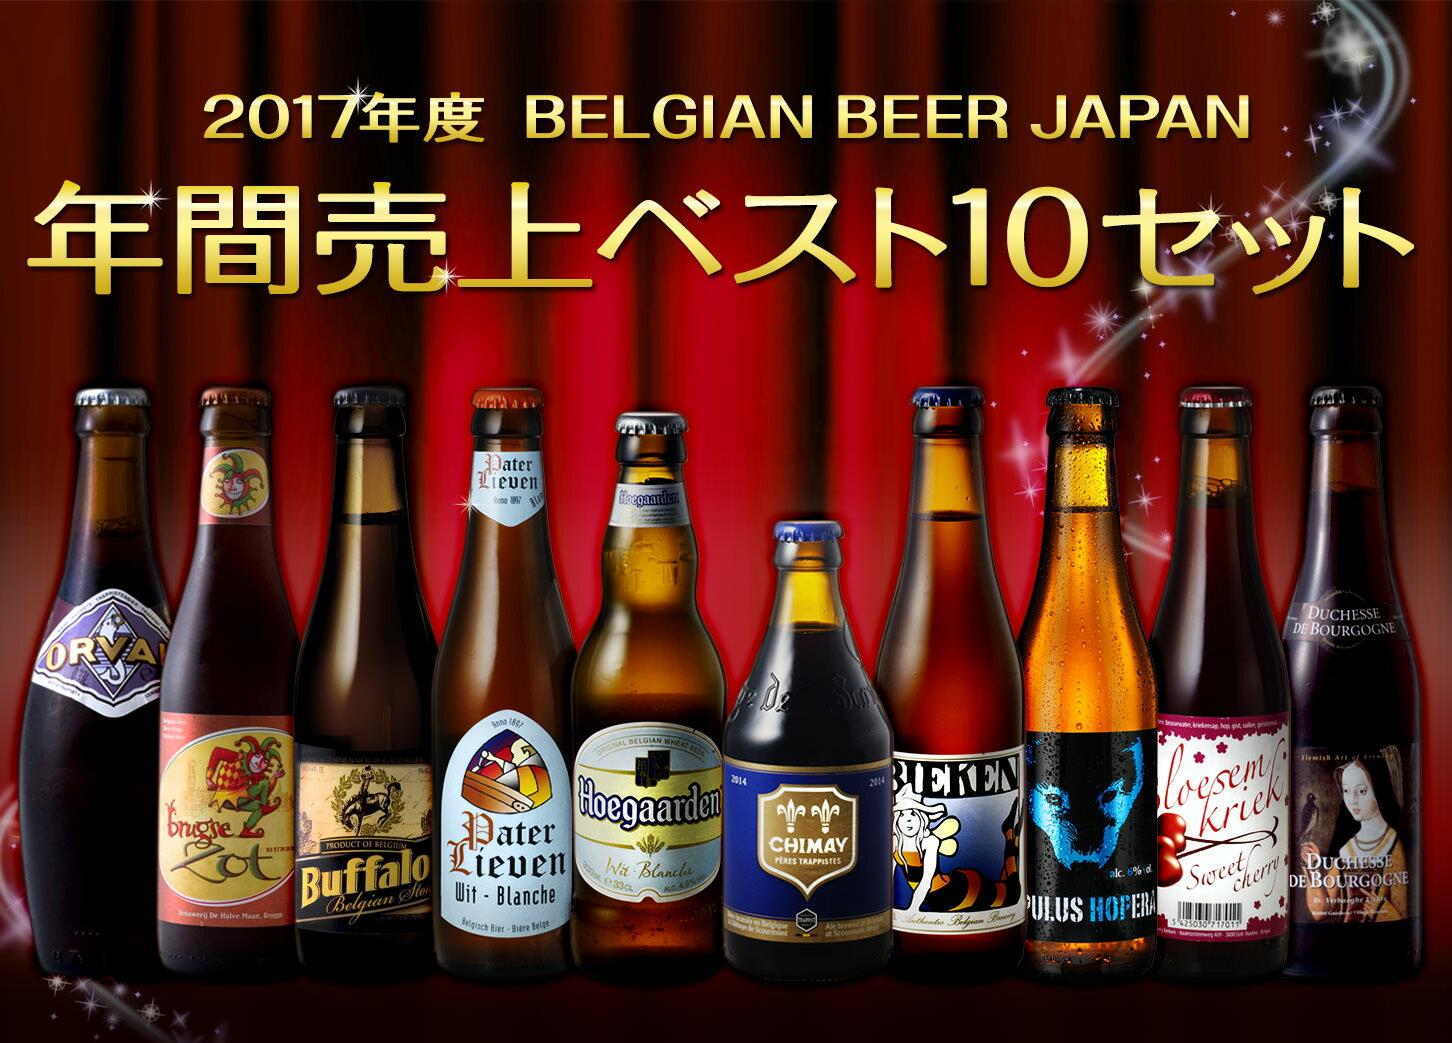 ベルギービール クラフト ビール 贈答 2017年間売上トップ10セット 送料無料